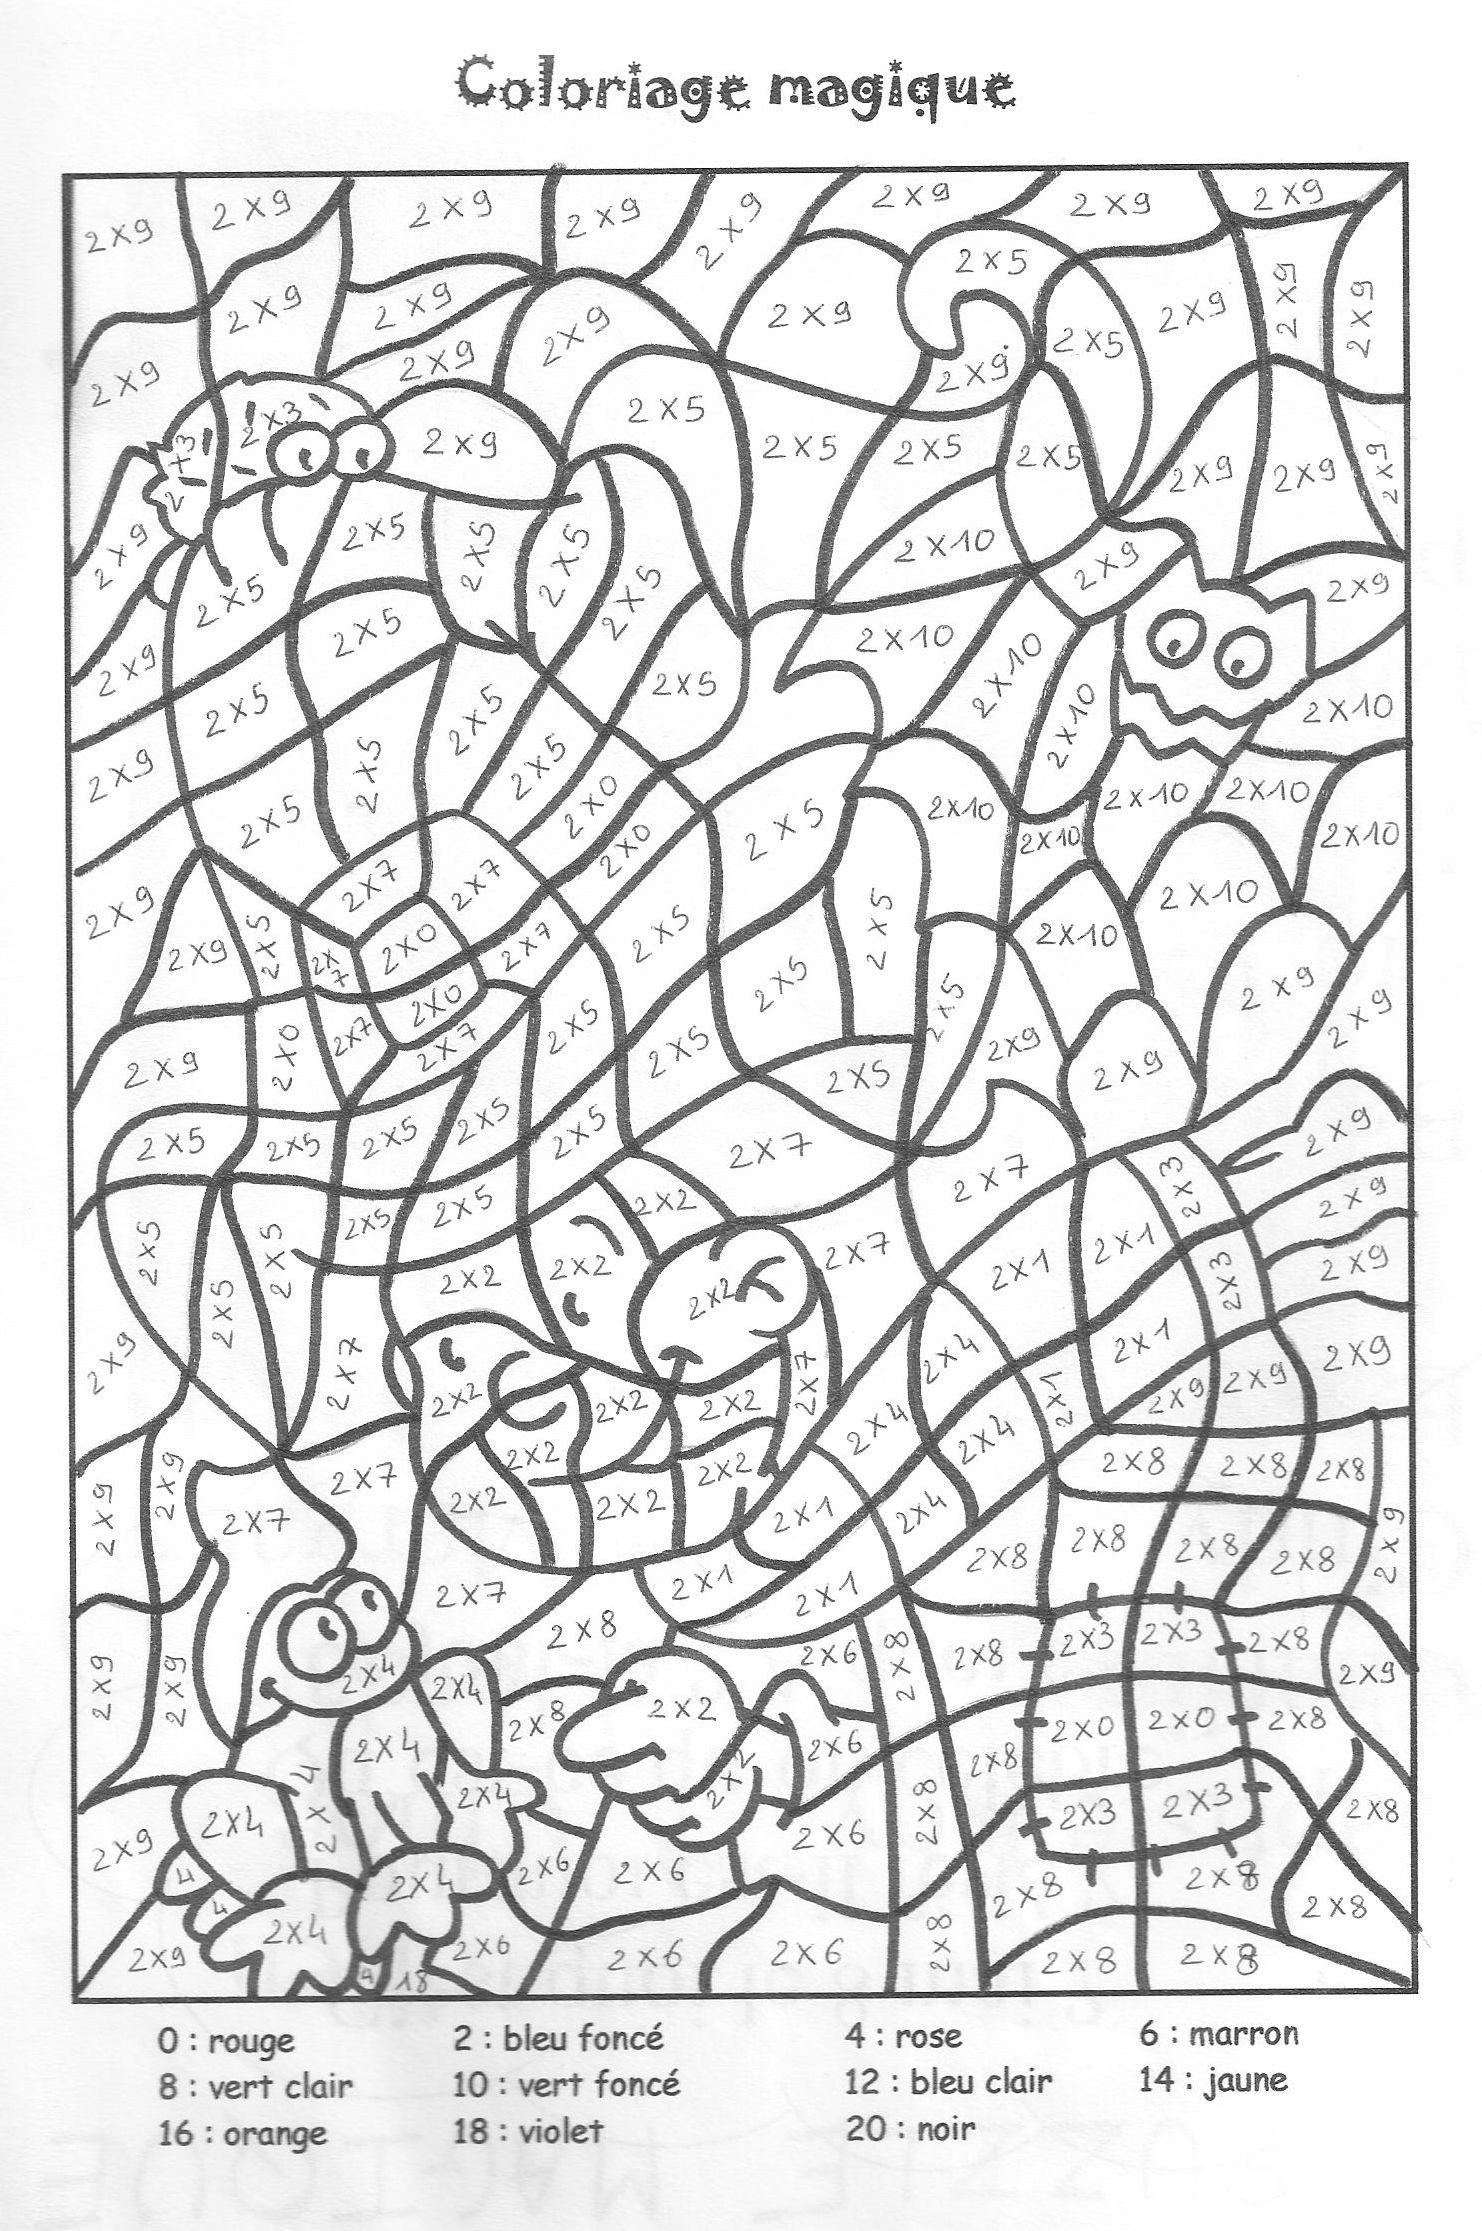 Coloriage Magique 4 À Imprimer - Coloriages Magiques À à Jeux Educatif Ce1 A Imprimer